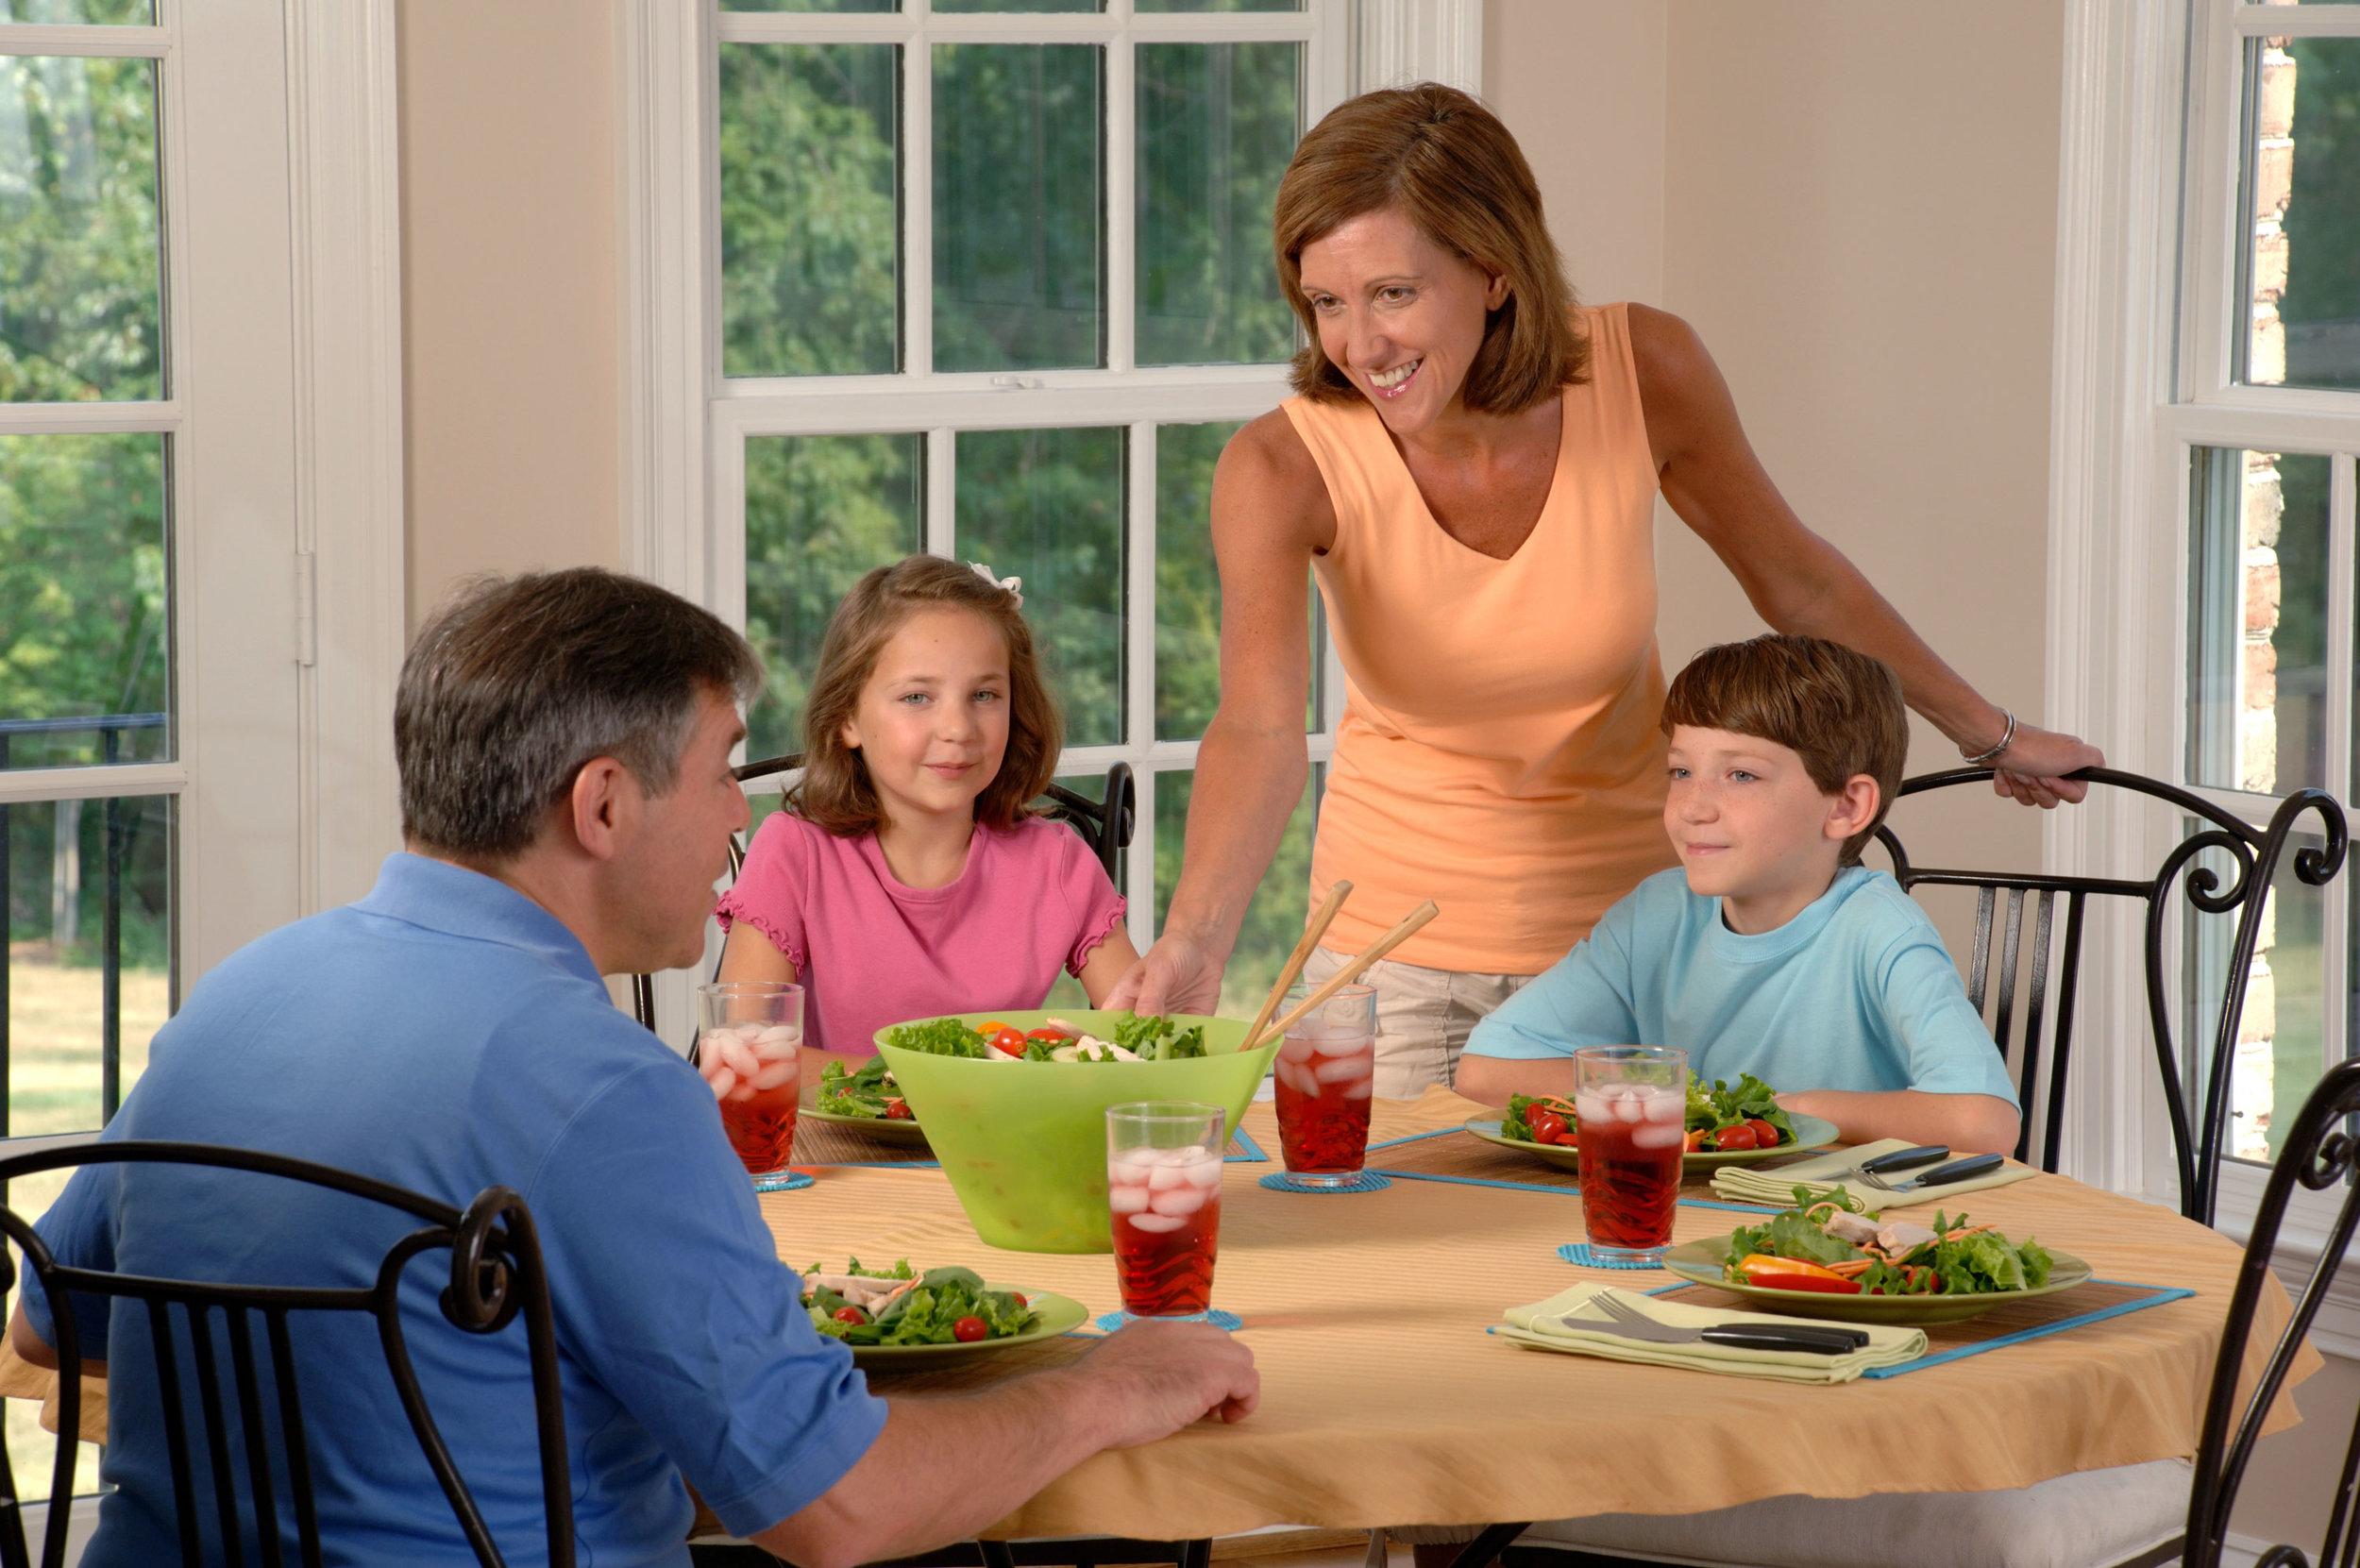 familyimage.jpg